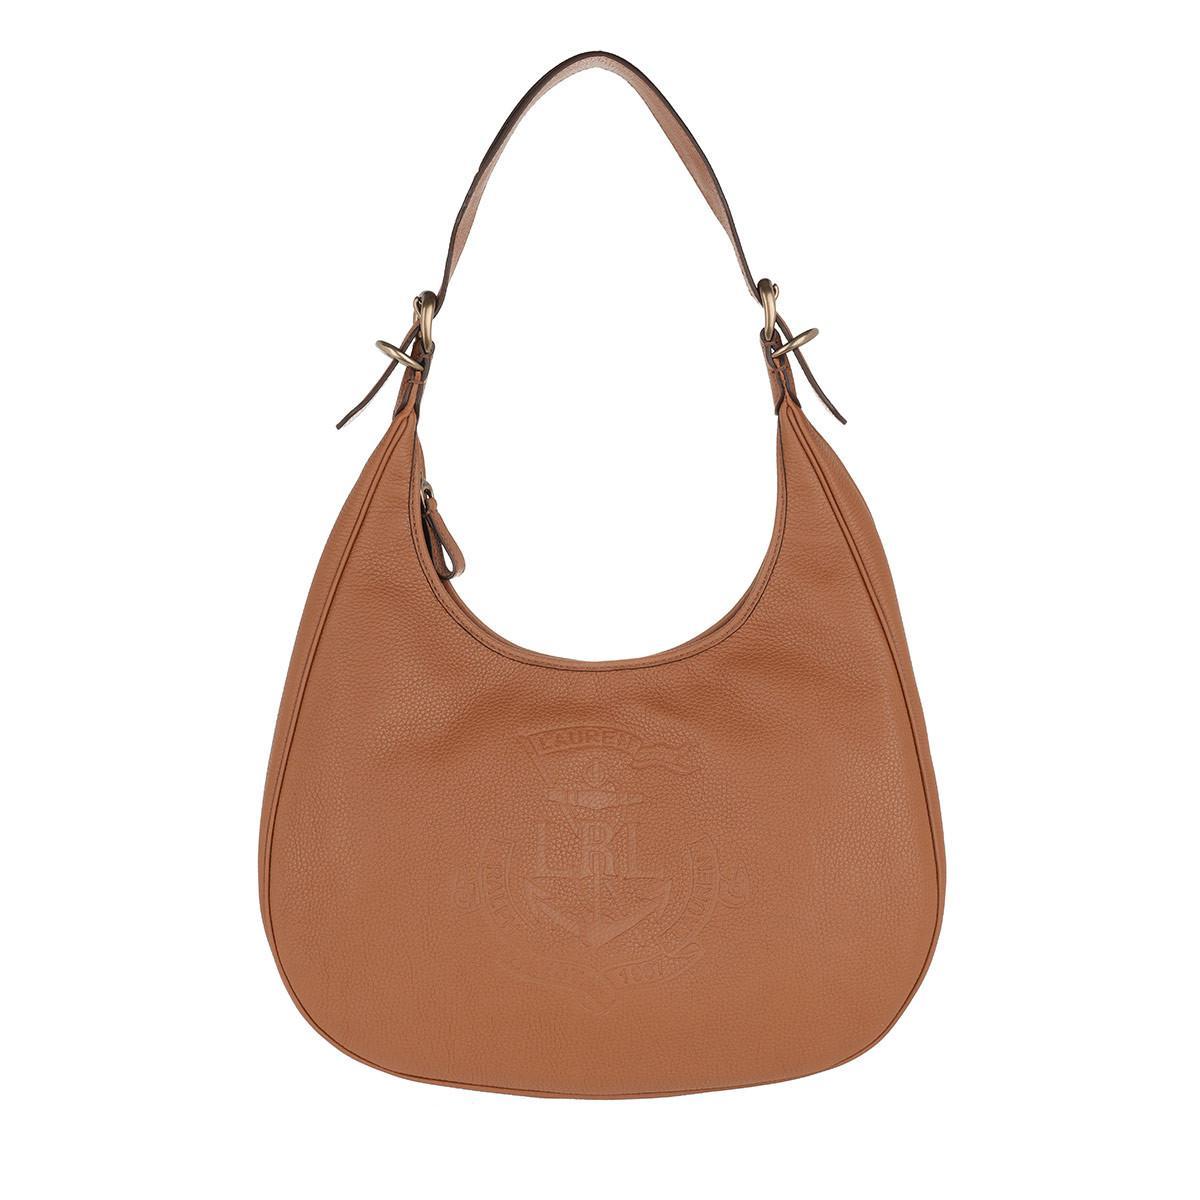 bd11de76bb47 Lauren by Ralph Lauren. Women s Brown Soft Leather Hobo Bag Medium ...